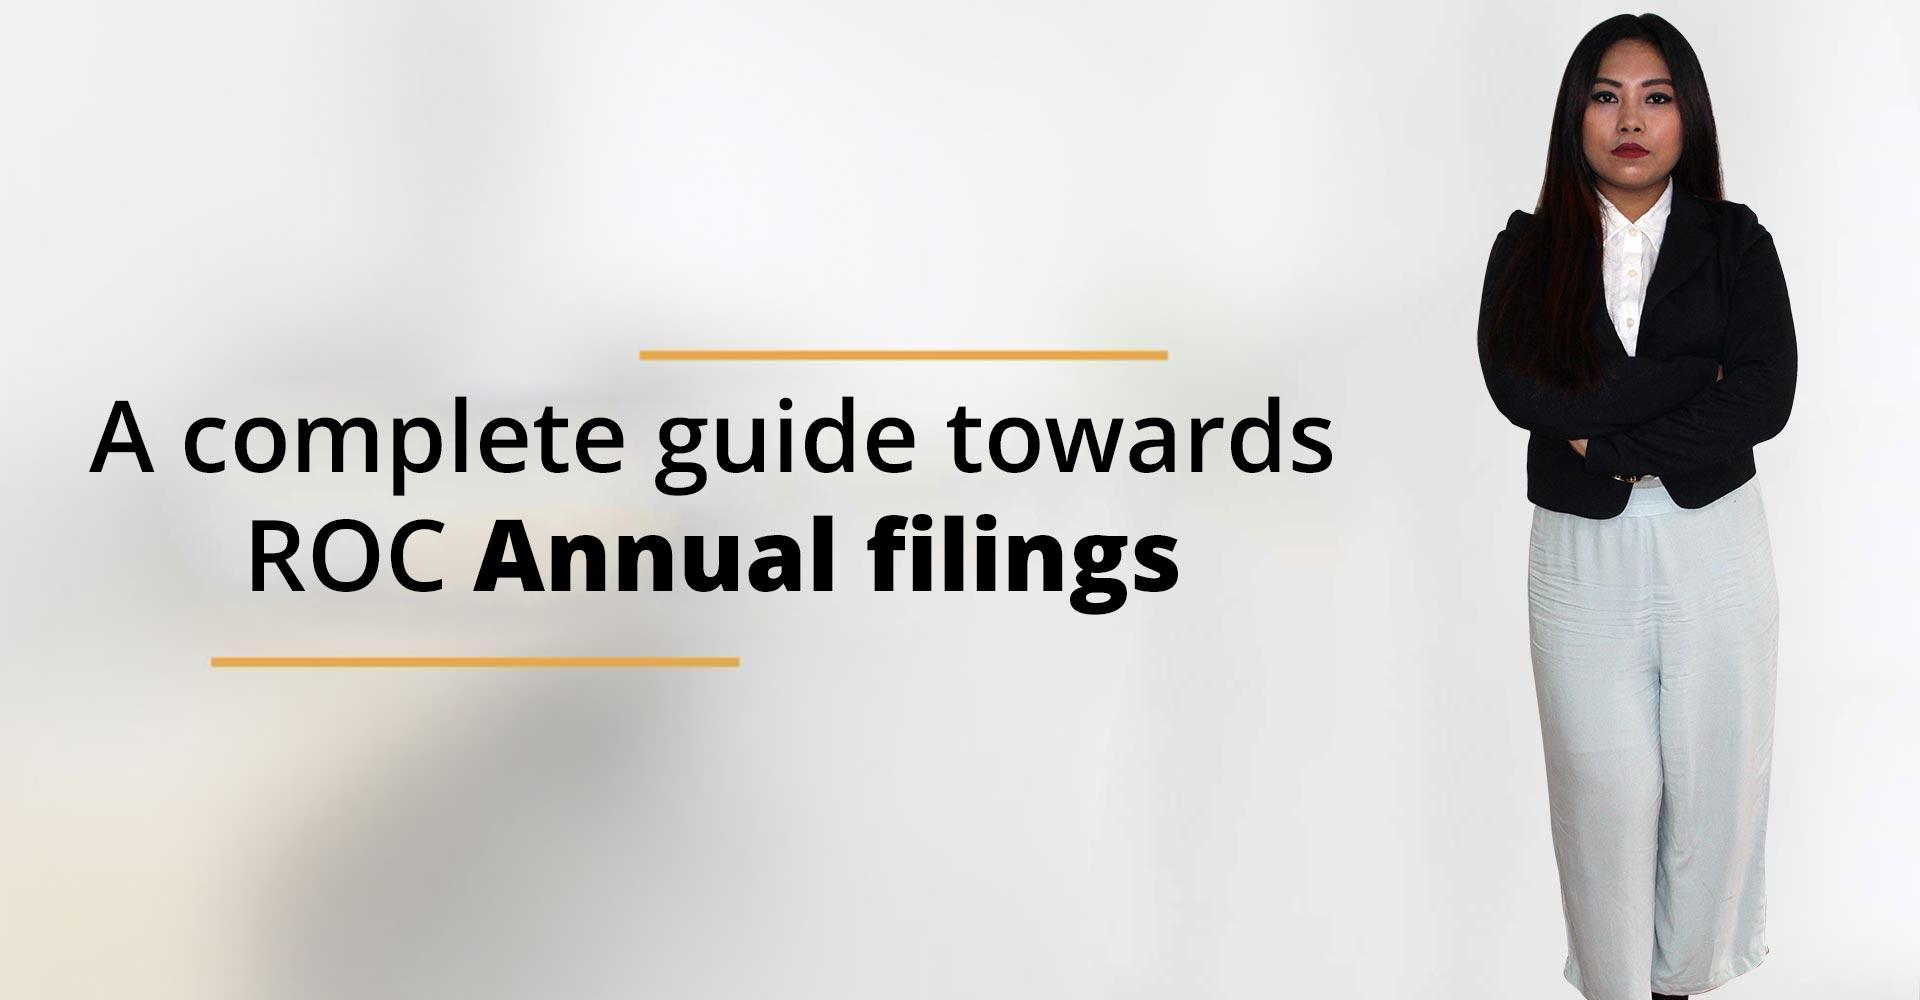 ROC Annual filings